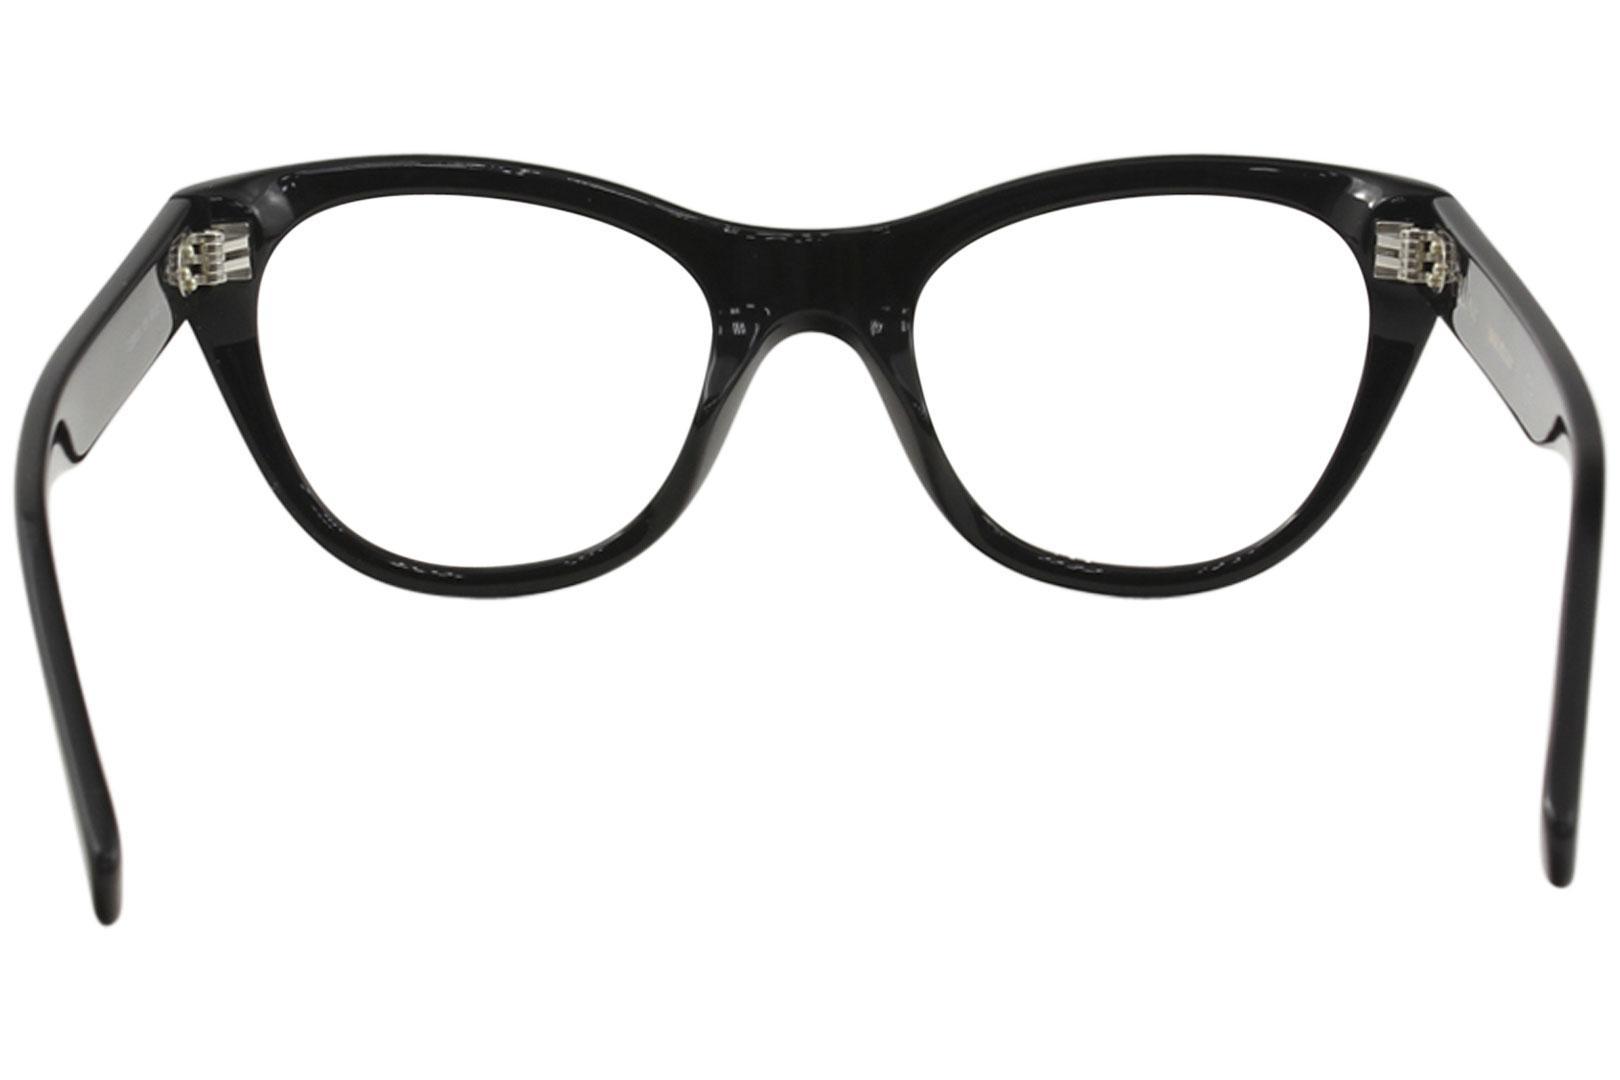 01b4ffd4e70 Celine Women s Eyeglasses CL50005I CL 50005 I Full Rim Optical Frame by  Celine